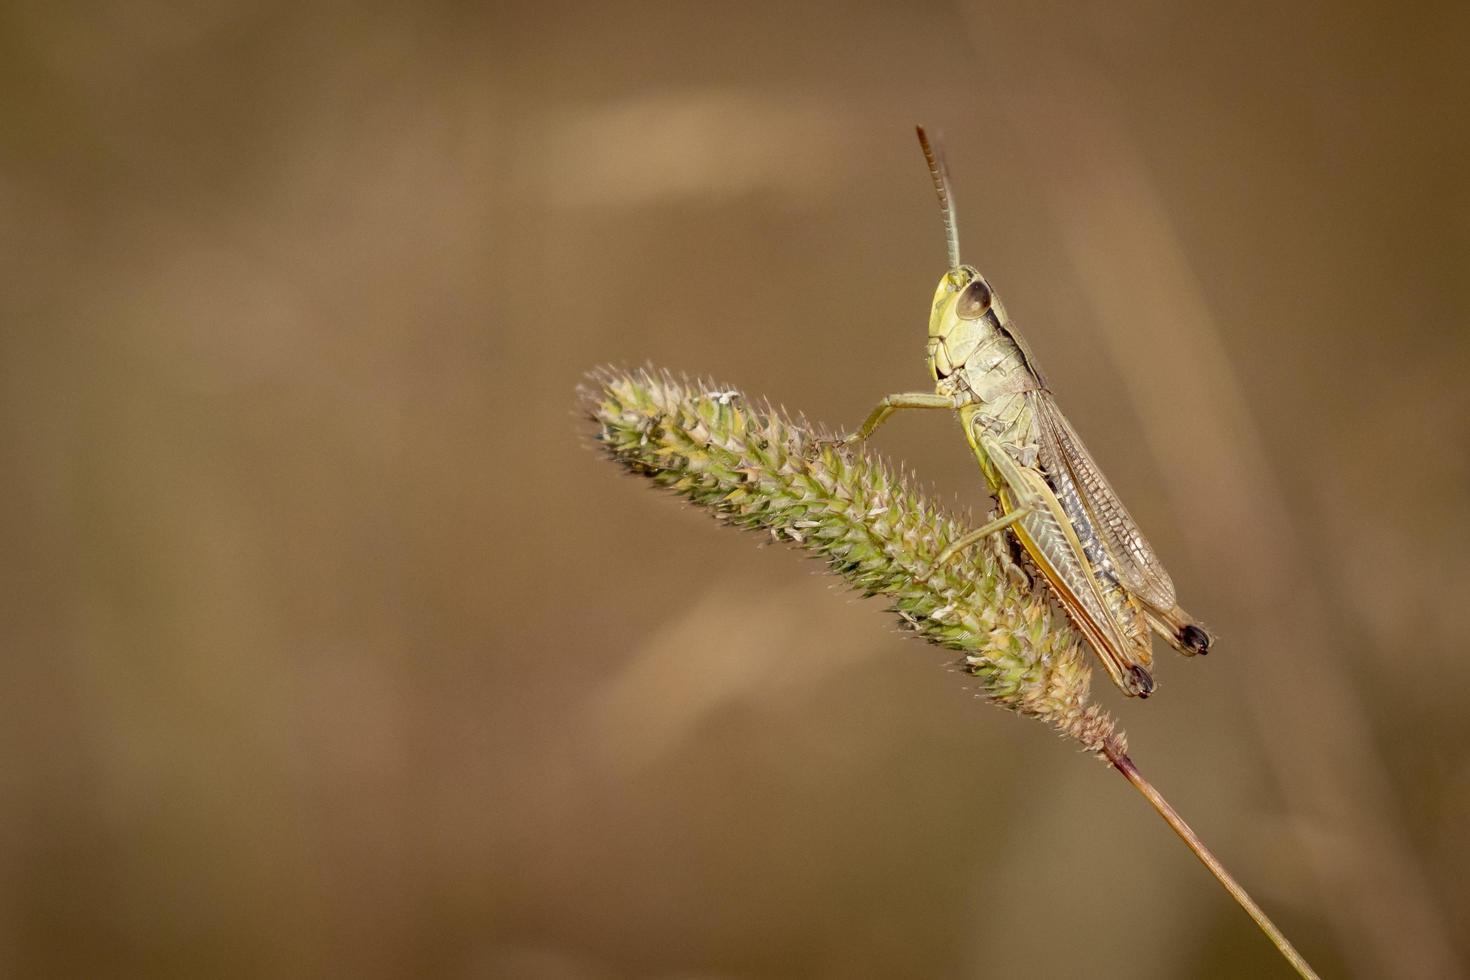 cavalletta di prato su un filo d'erba foto